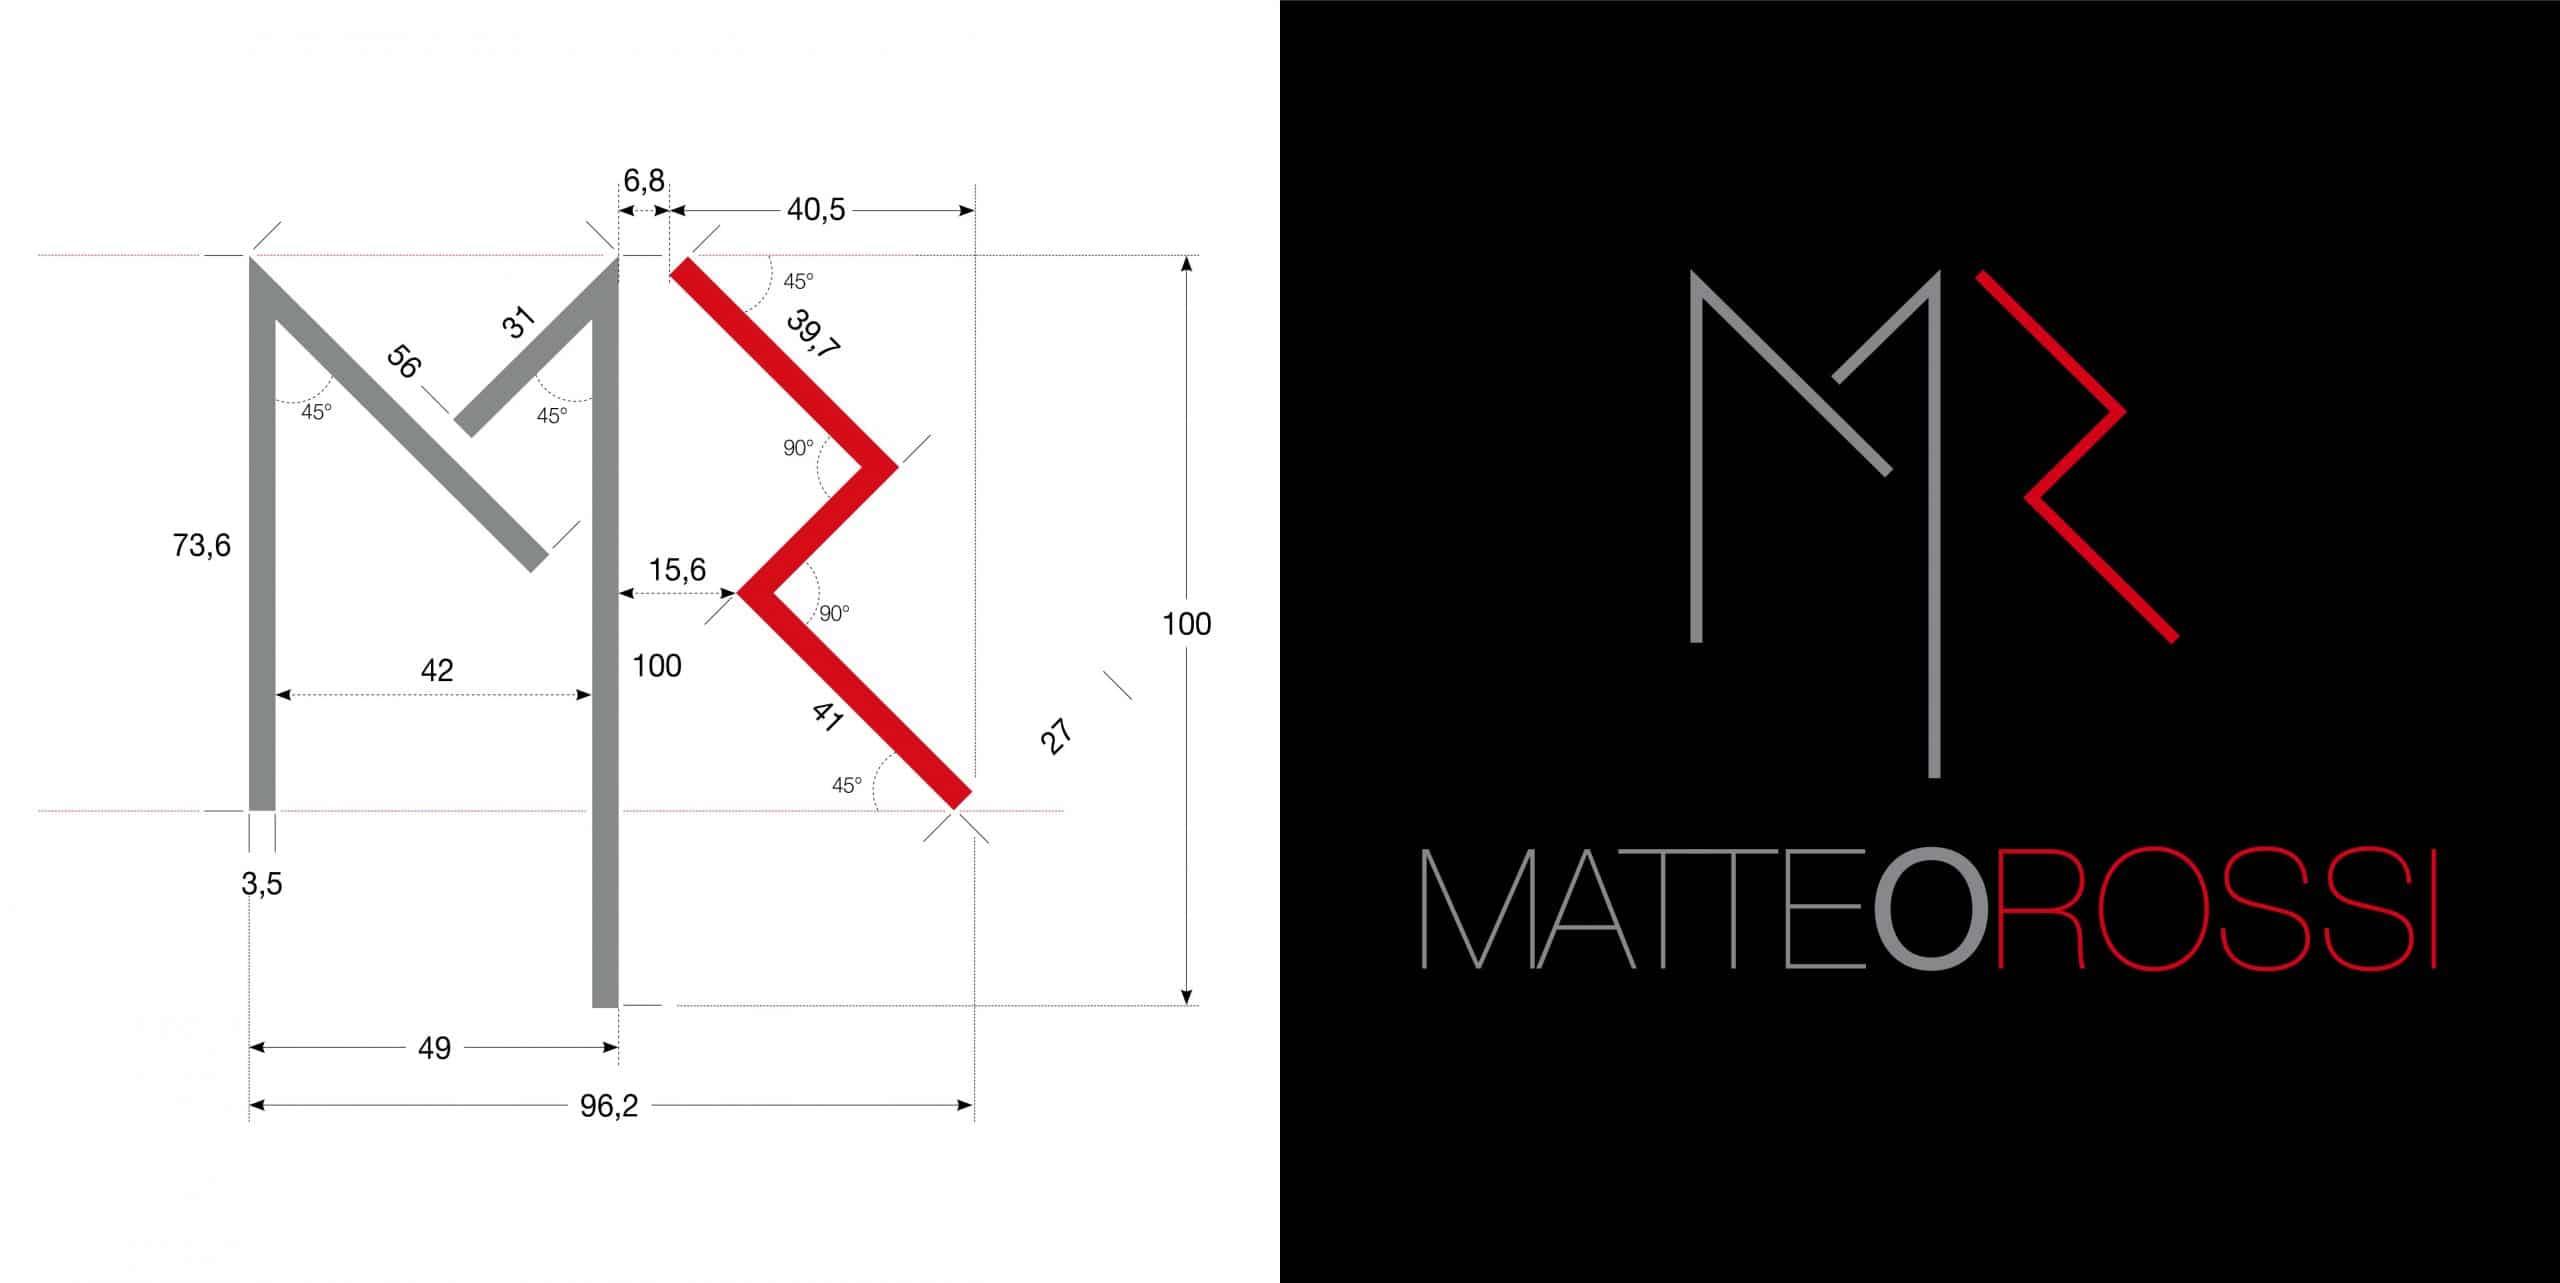 Sviluppo-Logo-Matteo-Rossi-e-creazione-campagna-pubblicitaria-padova